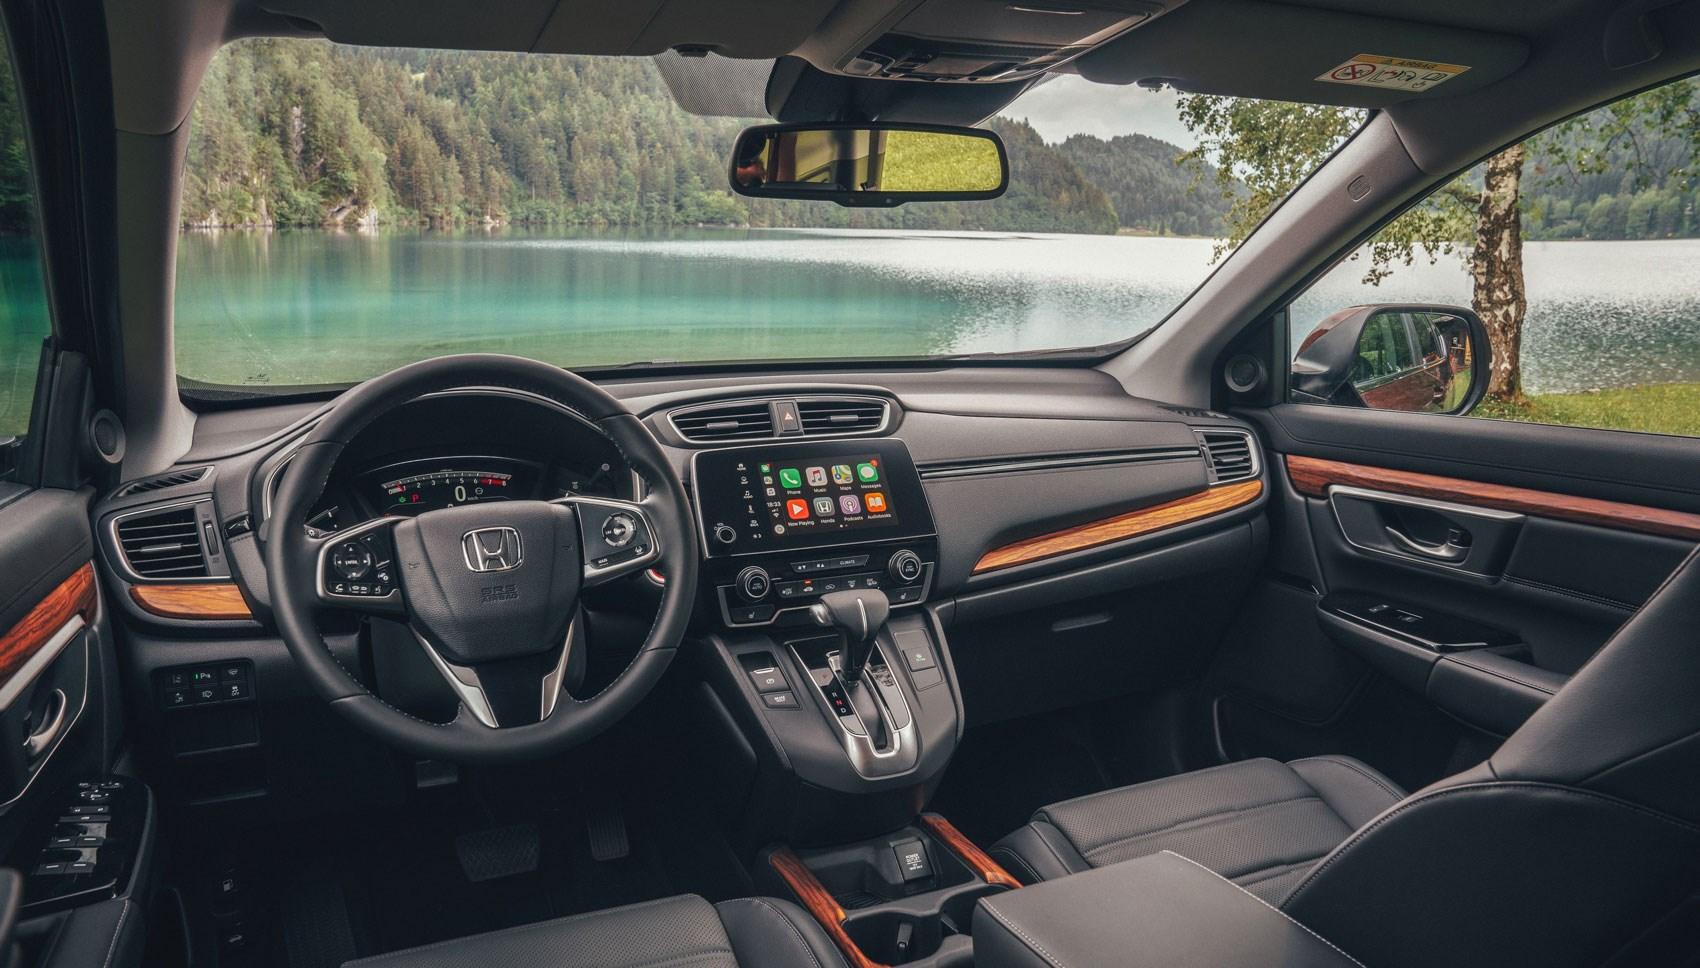 hight resolution of  honda cr v hybrid interior gear selector